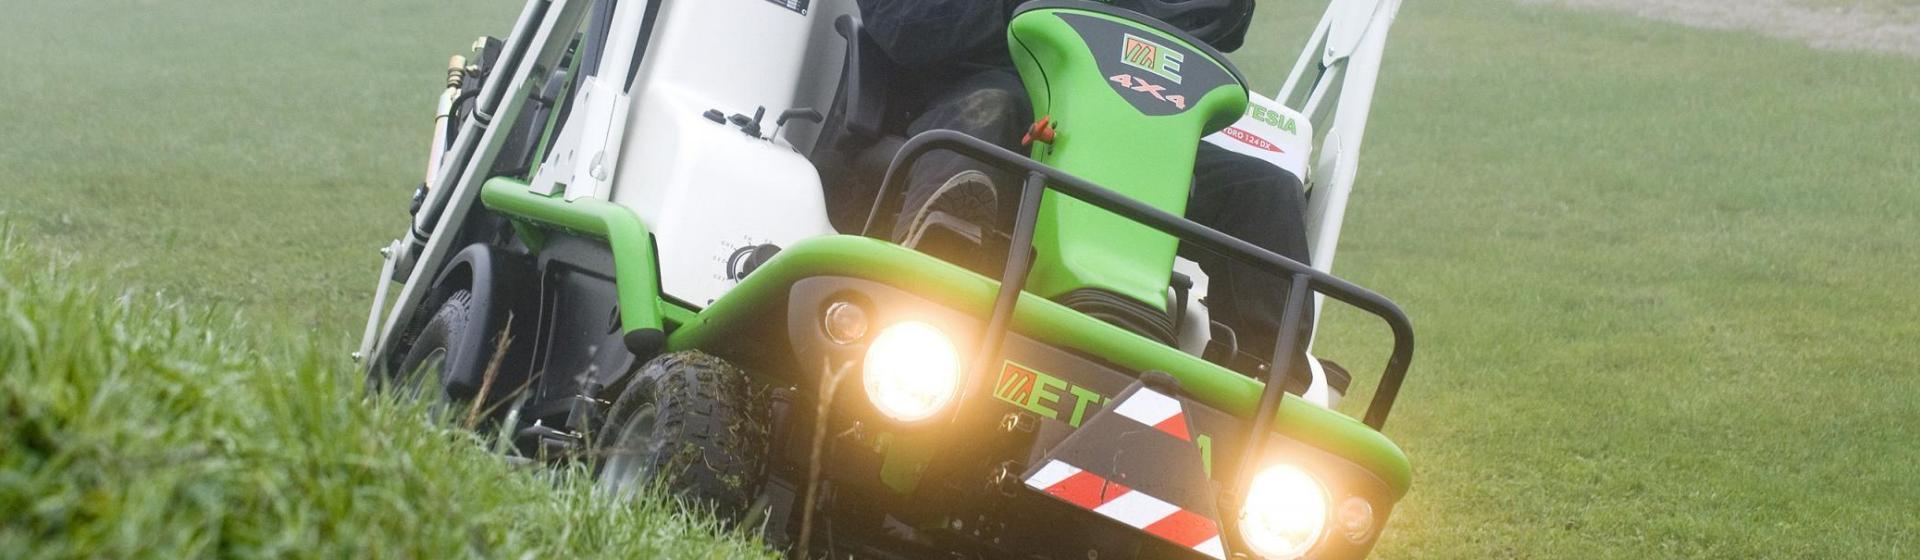 Hydro 124DX : Aufsitzmäher, Garten Traktoren Etesia